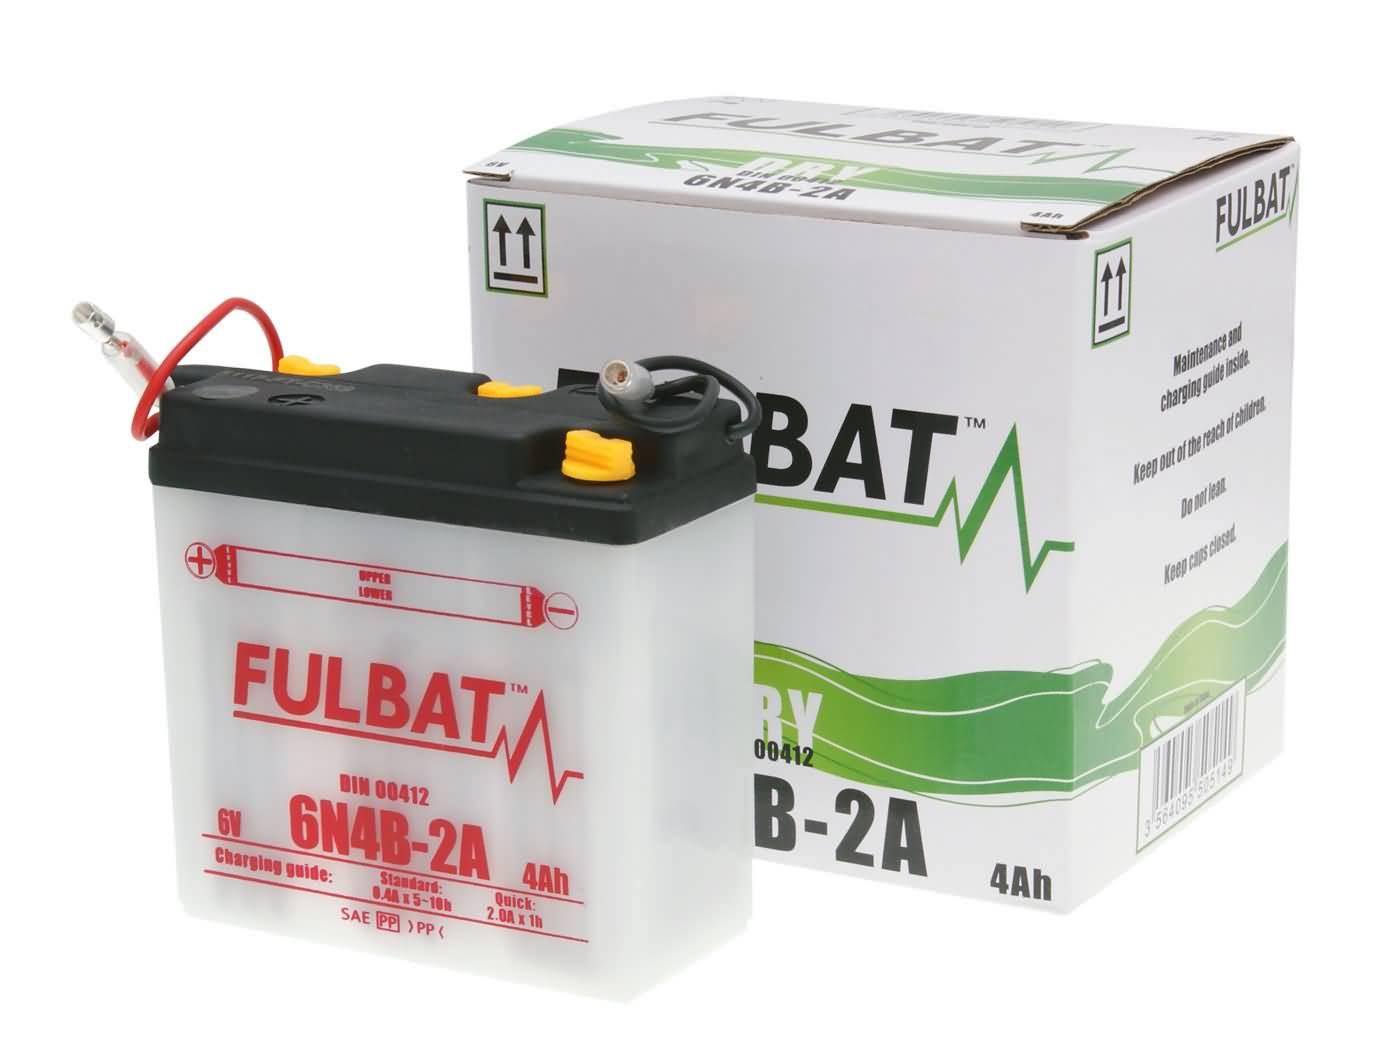 Fulbat 6V 6N4B-2A DRY száraz akkumulátor + savcsomag